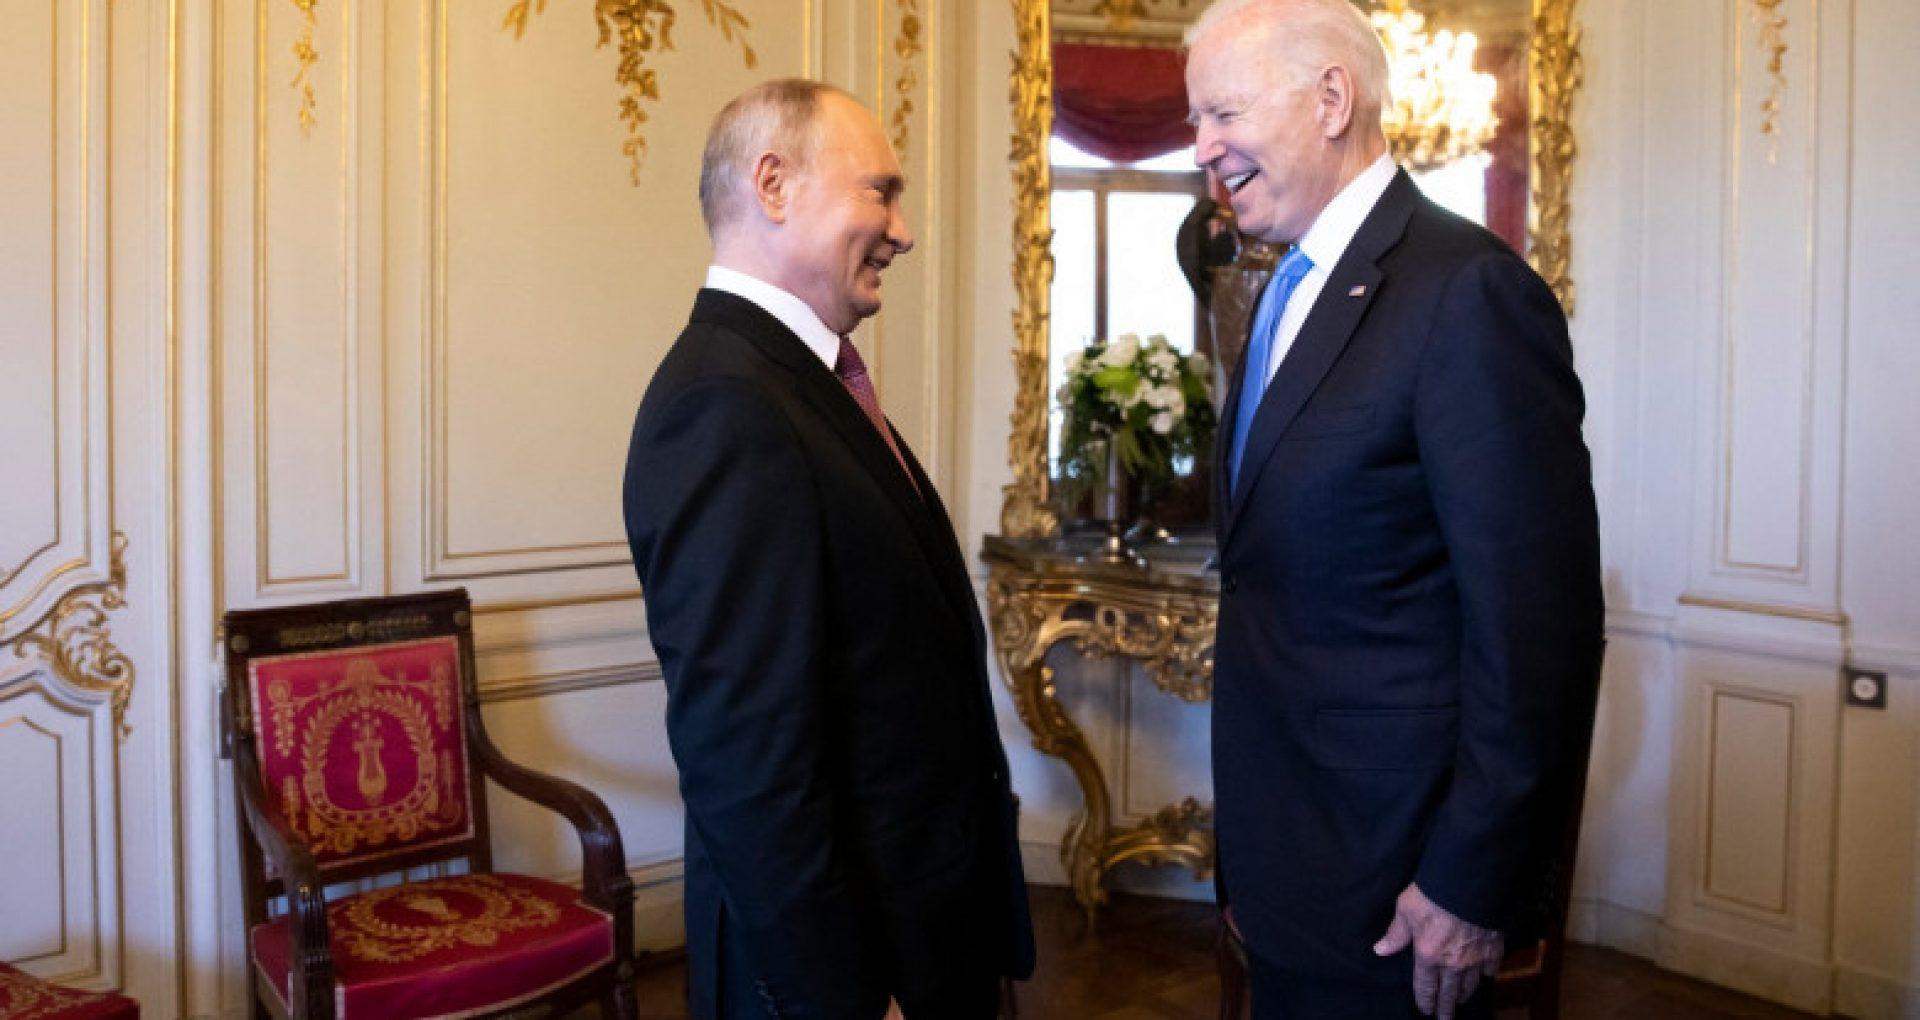 SUA și Rusia, declarație comună despre stabilitatea strategică: Un război nuclear nu trebuie să aibă loc niciodată